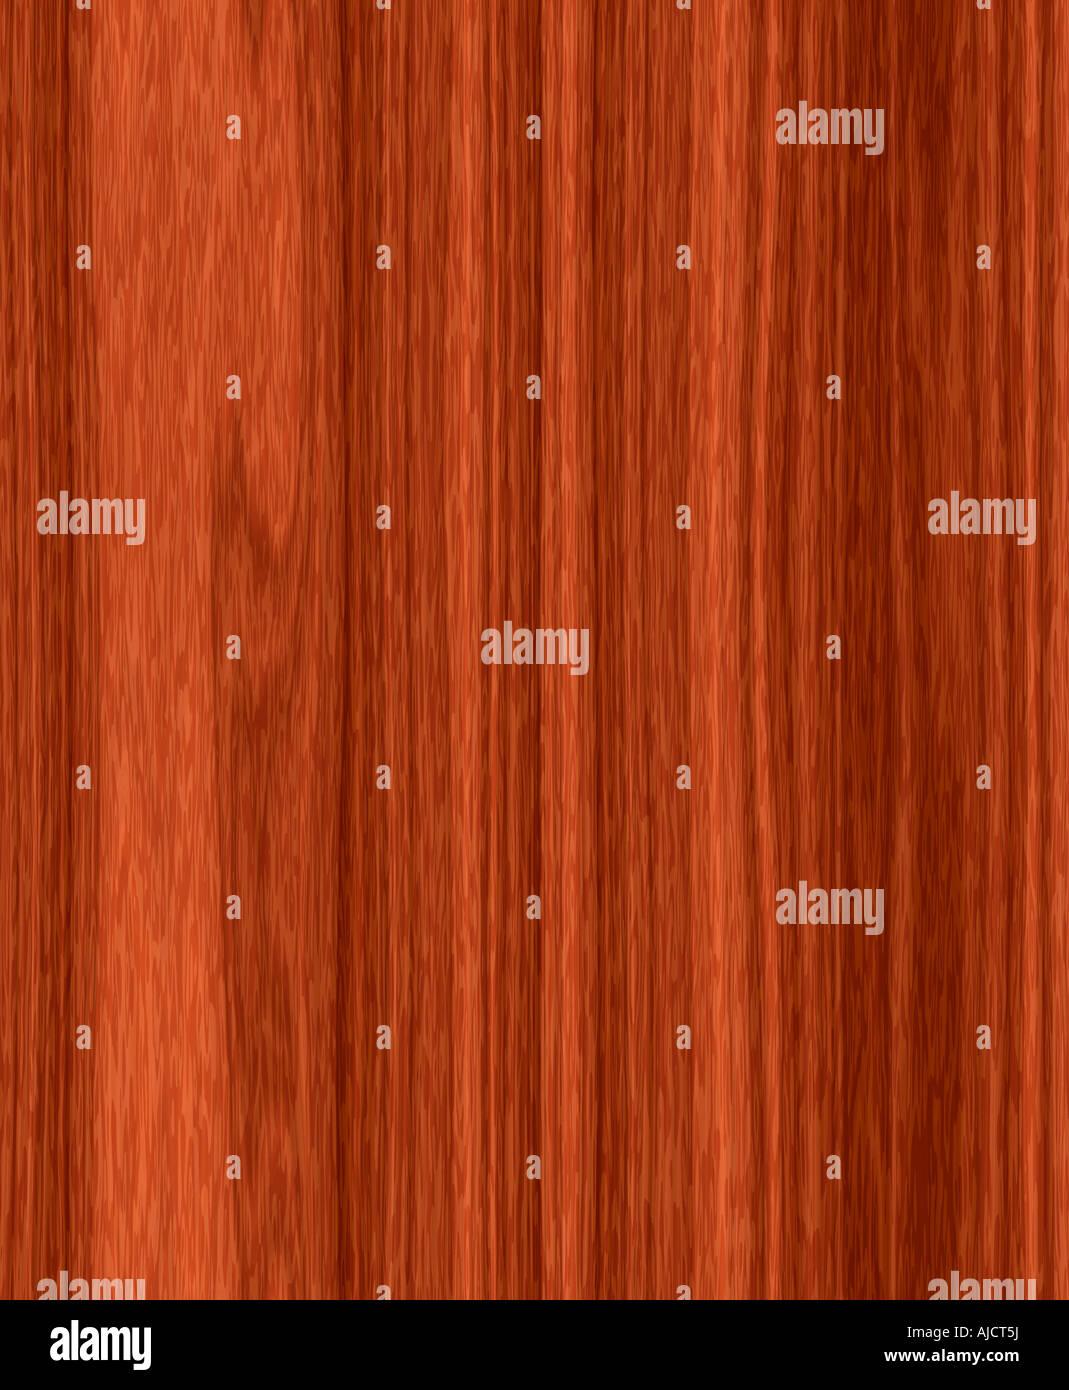 nice large image of polished wood texture - Stock Image